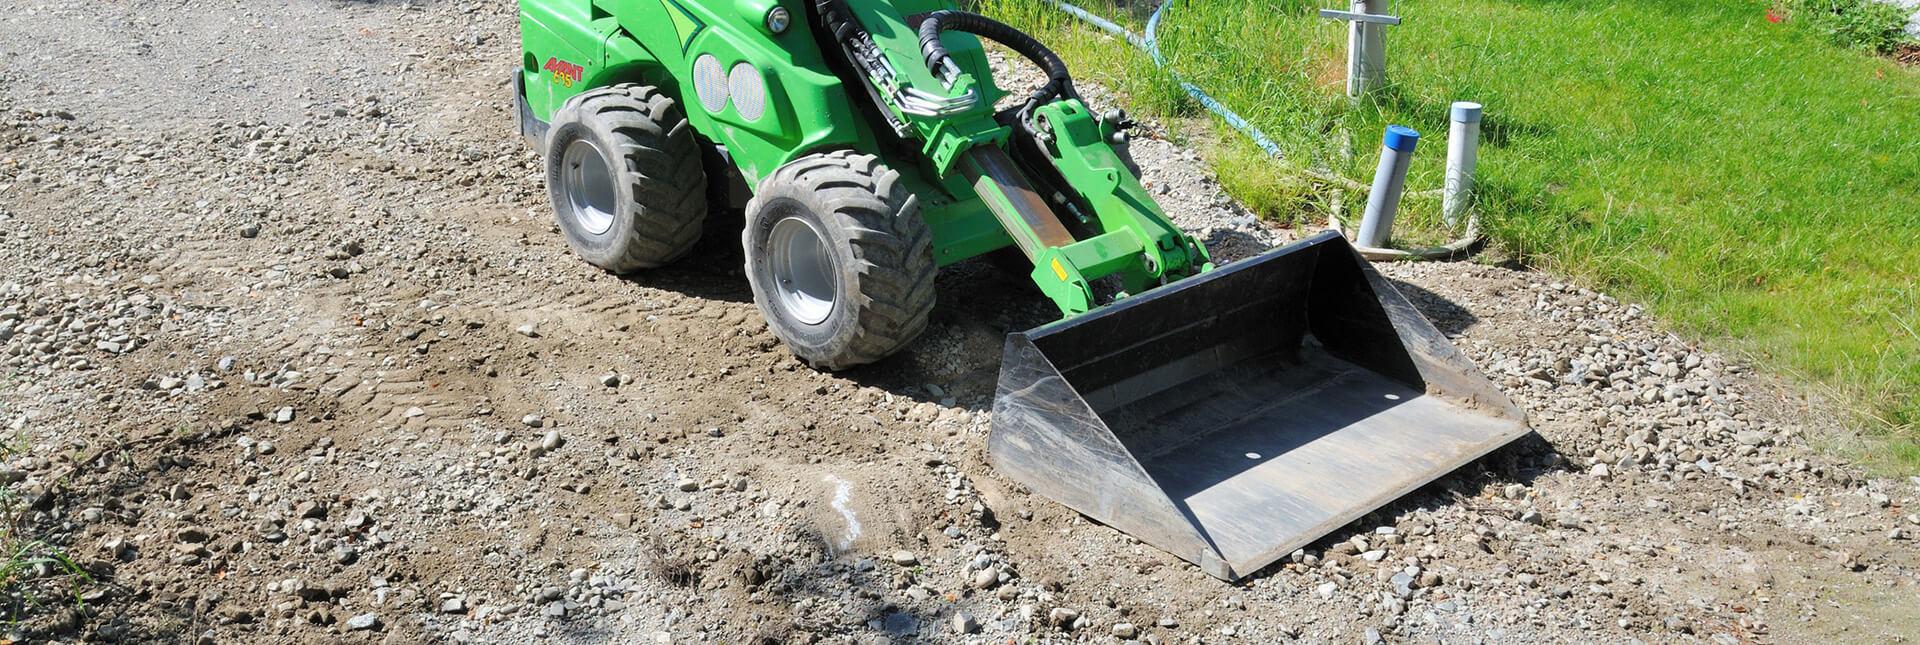 Arbejdsbillede af skovl planering til en AVANT Minilæsser i brug